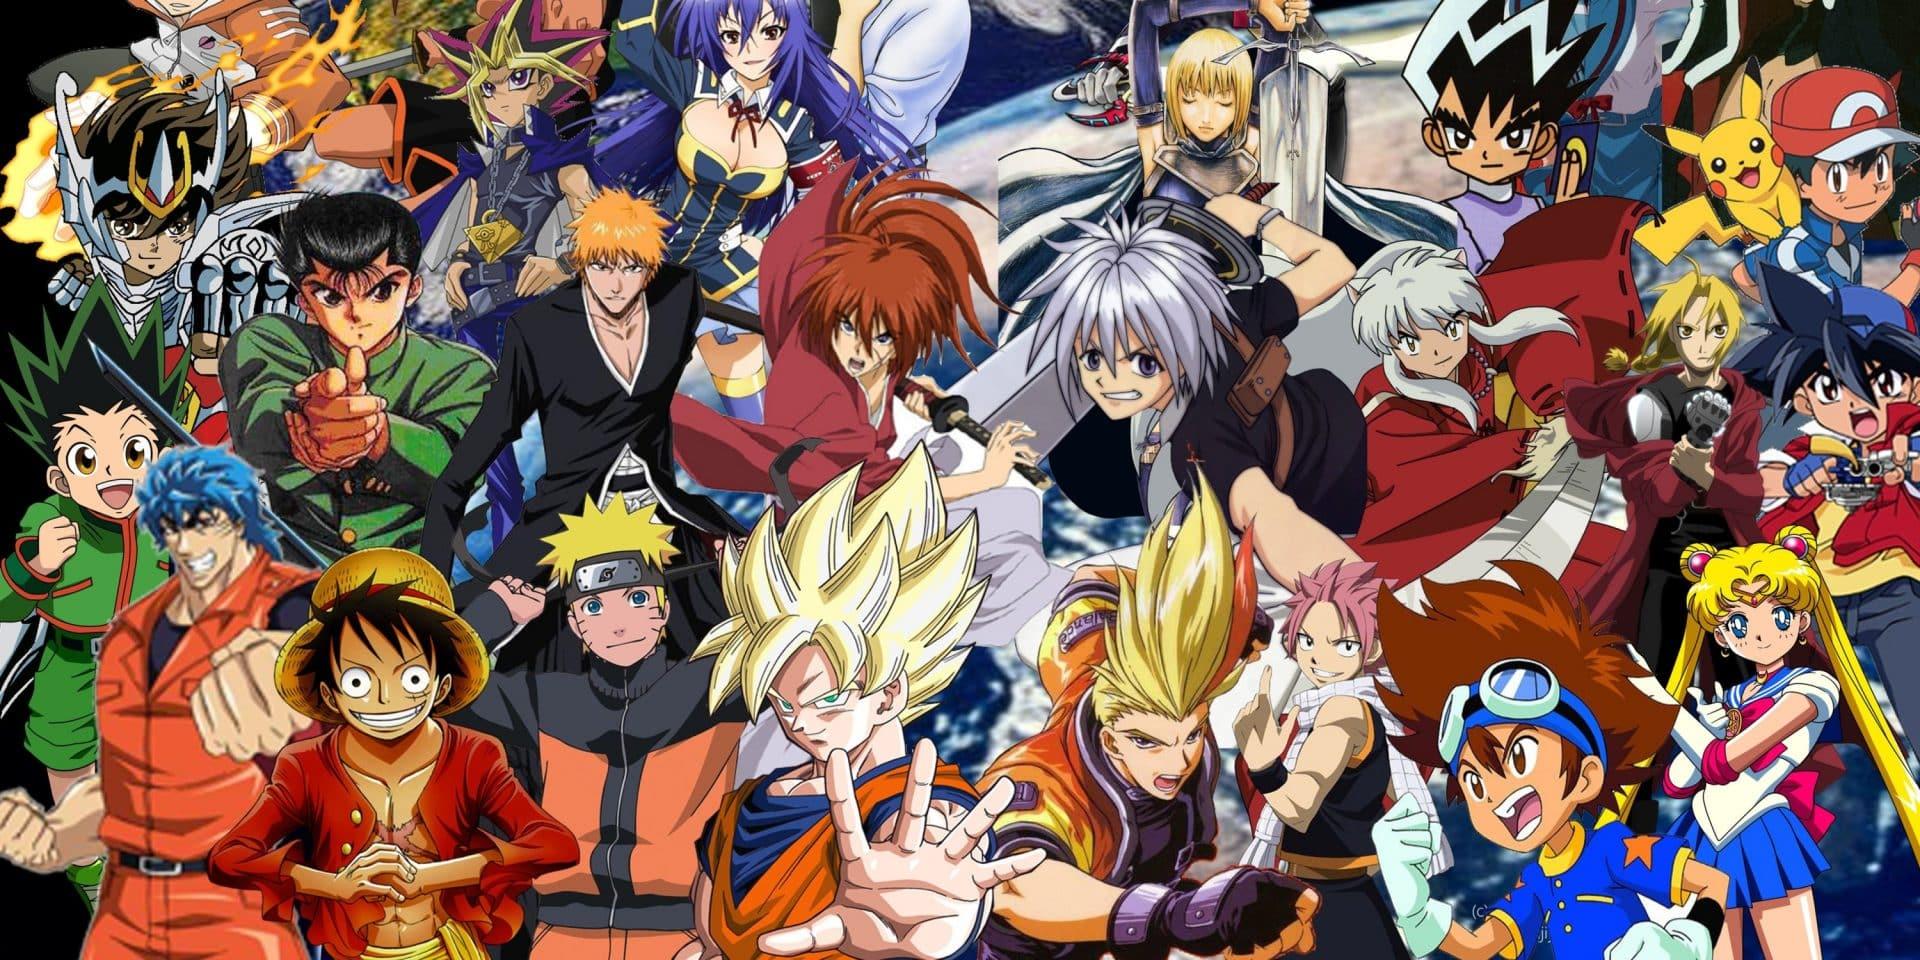 Melhores animes da história - top 25 de todos os tempos